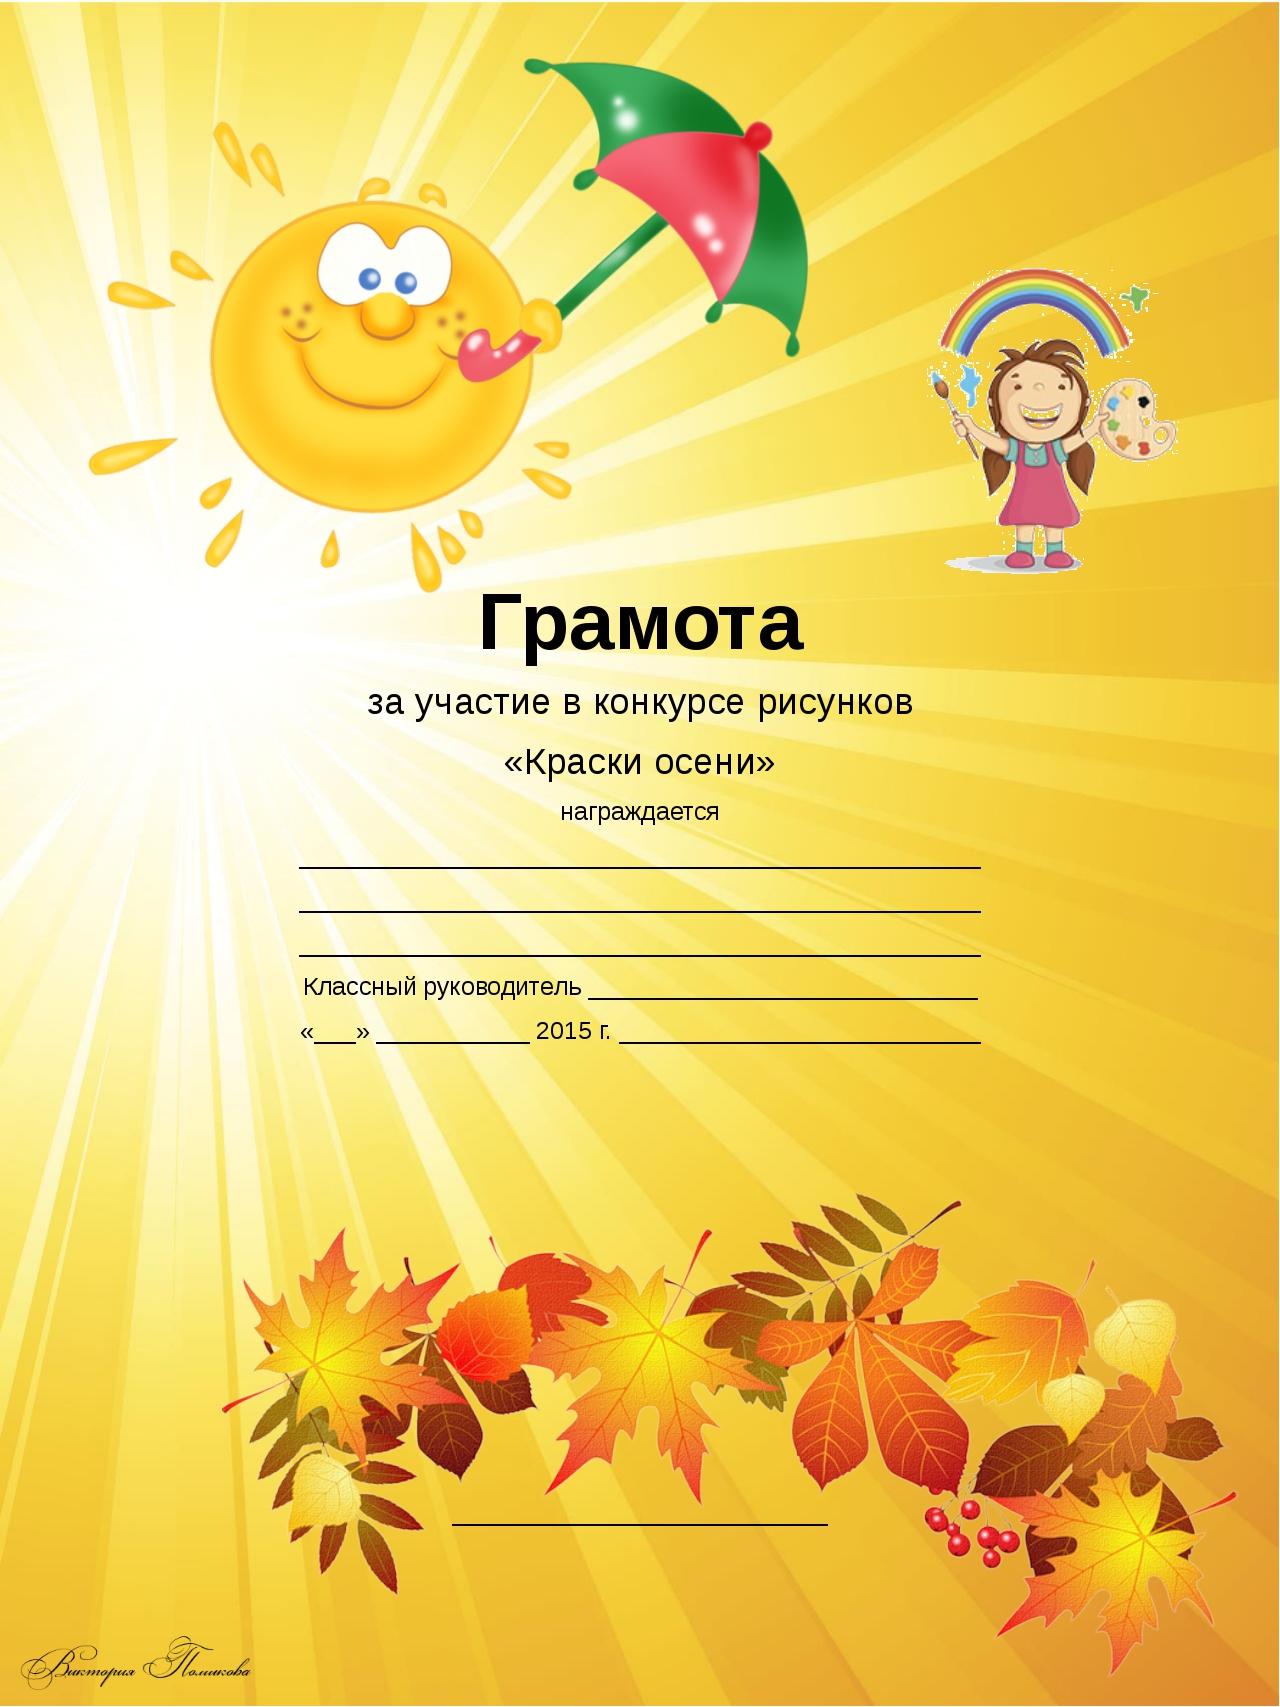 остекляем шаблон награждение за осеннюю поделку Чернышенко Николай